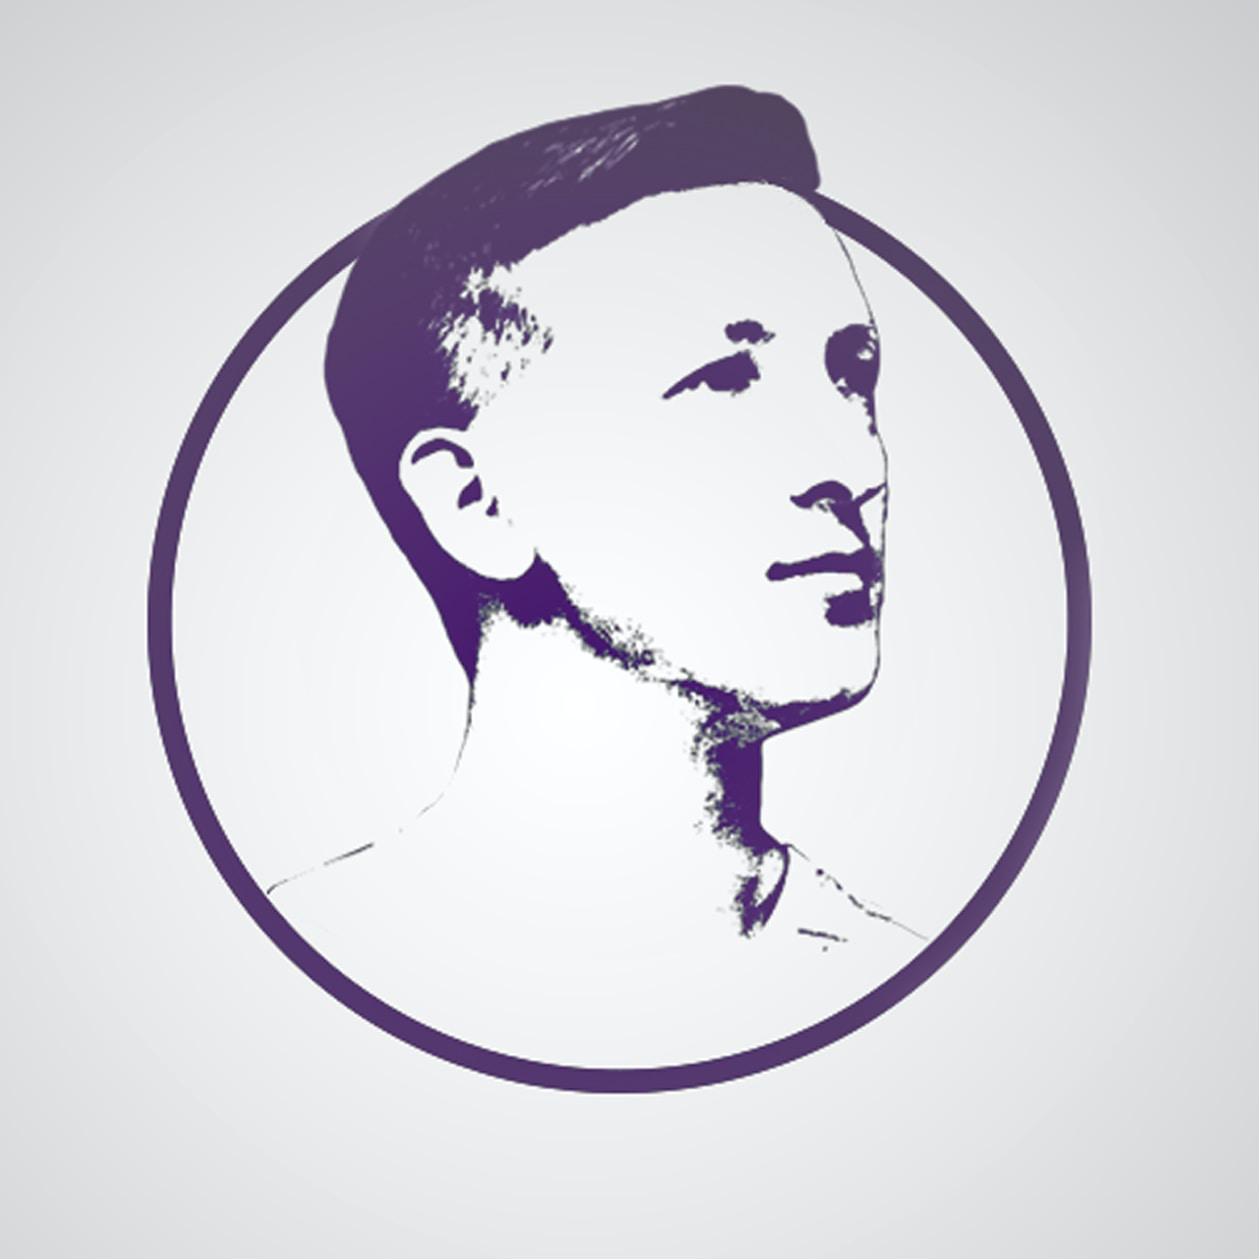 Go to Andrii Podilnyk's profile